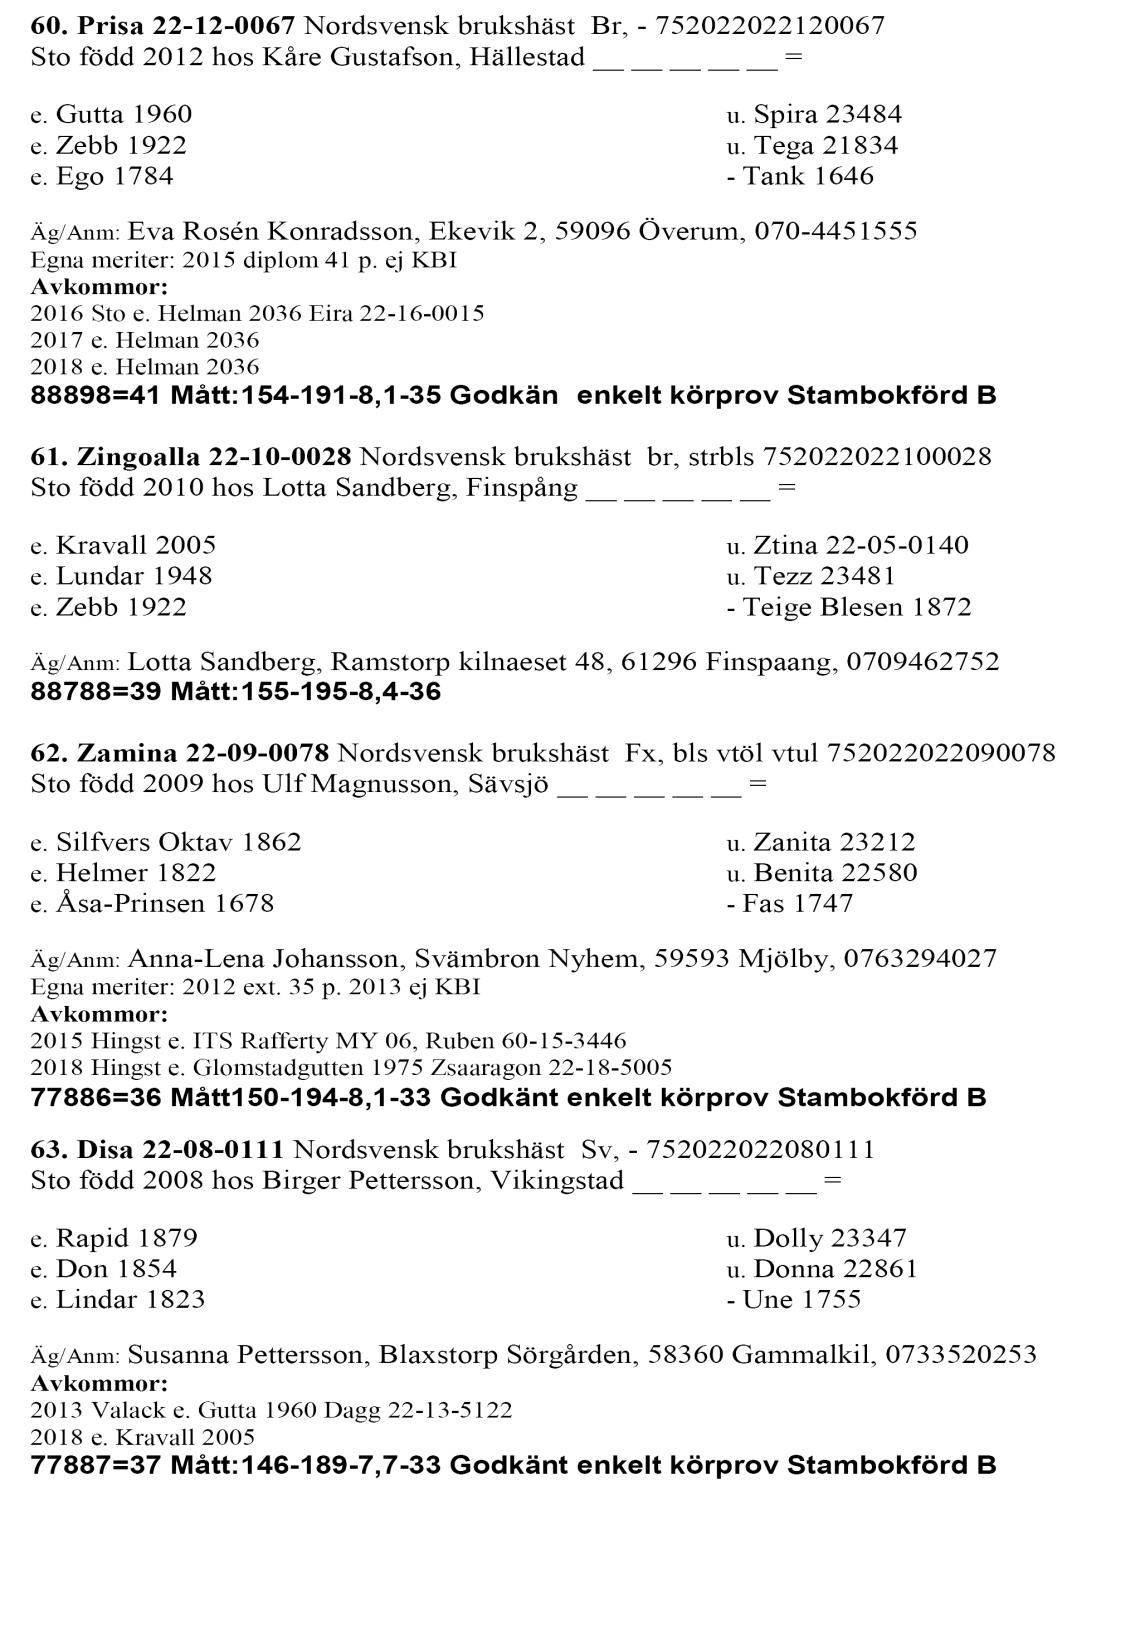 20180929 Vreta Gymnasiet-14